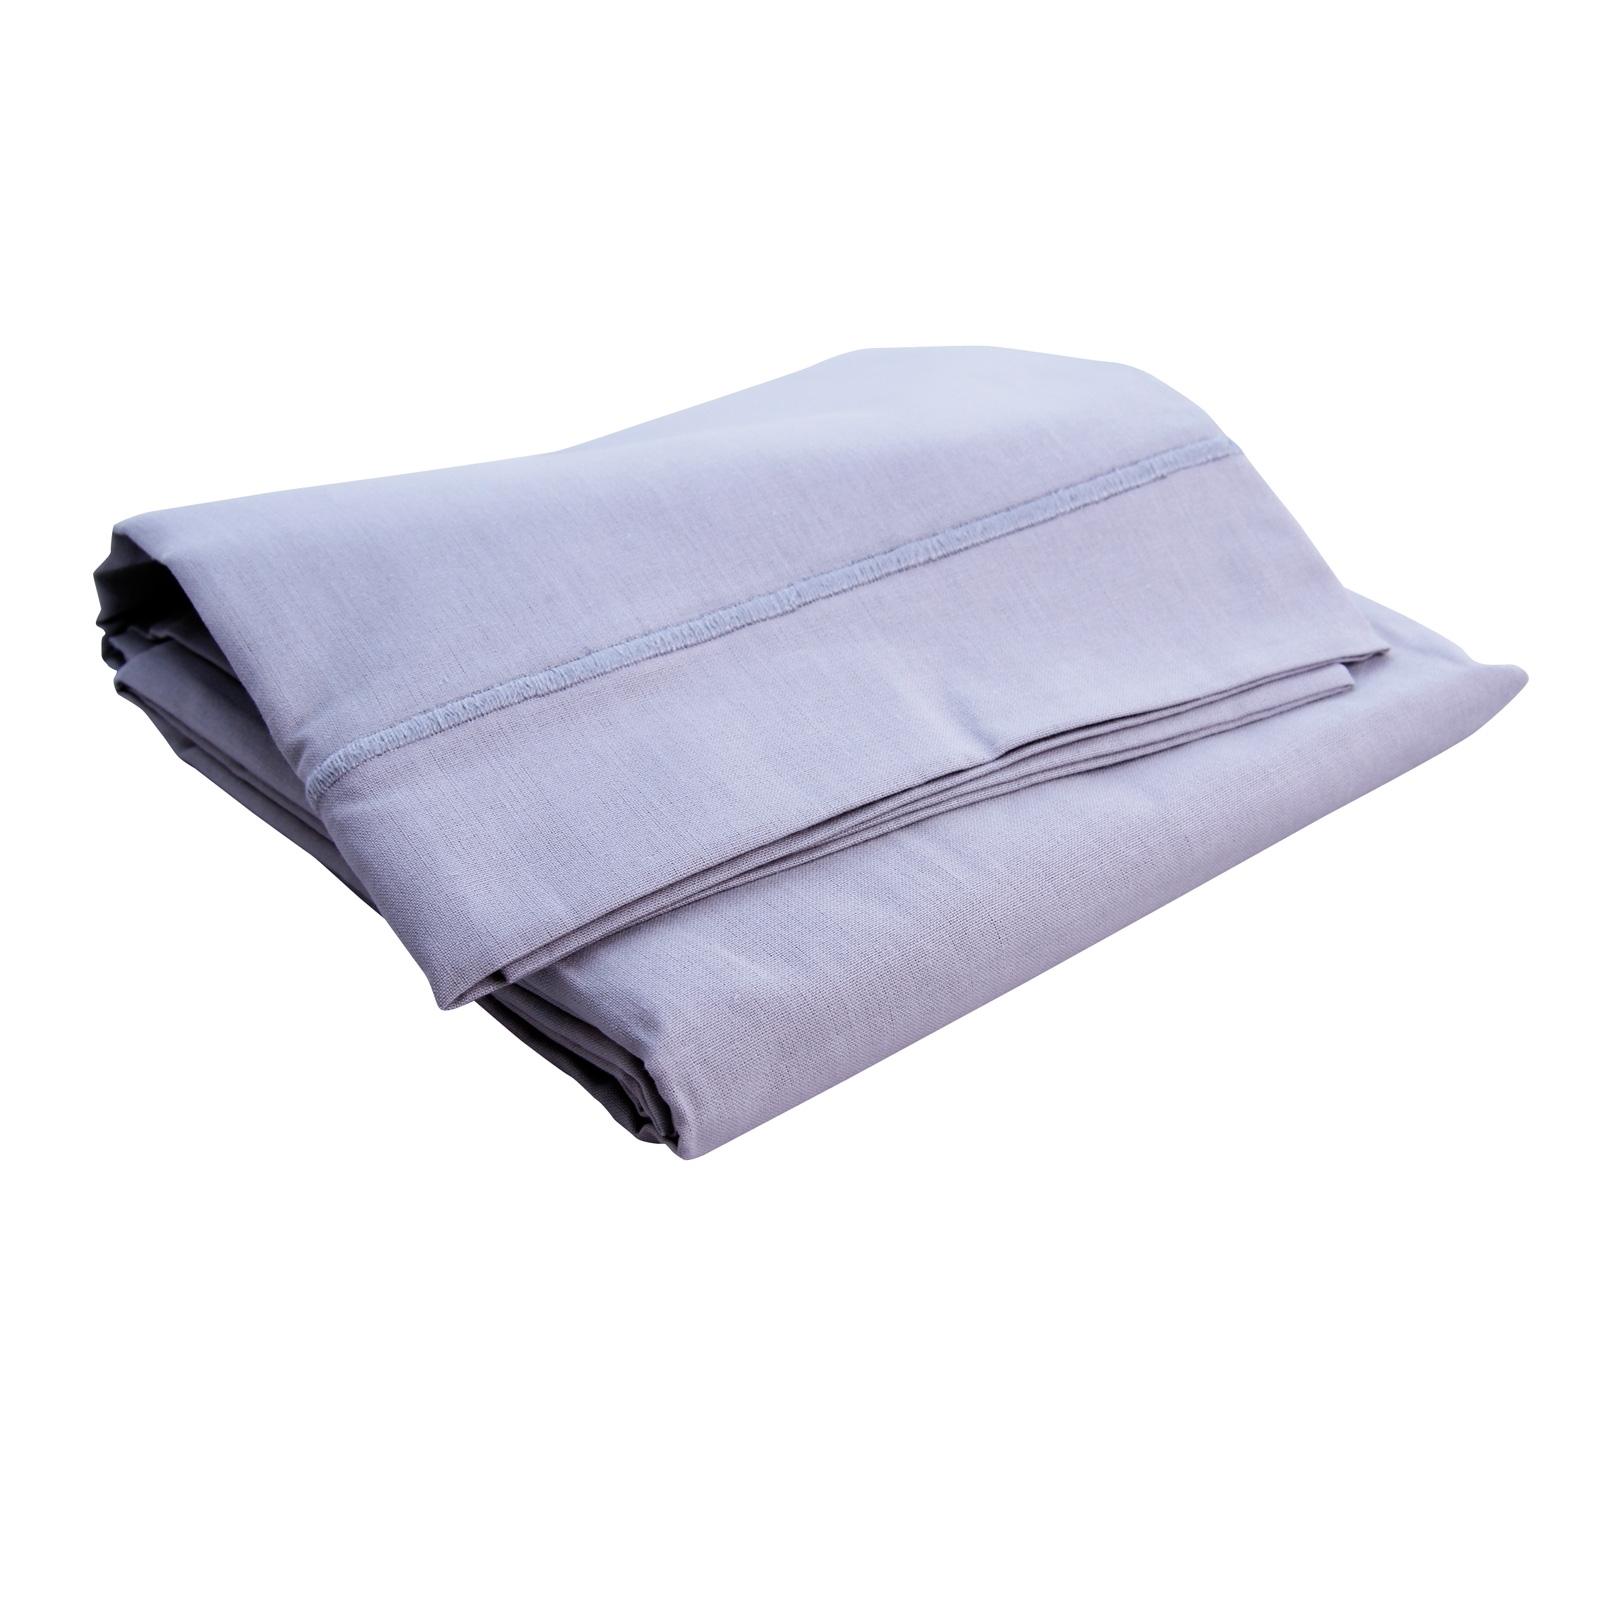 drap plat gris perle doux nid mod le 120x180 cm. Black Bedroom Furniture Sets. Home Design Ideas